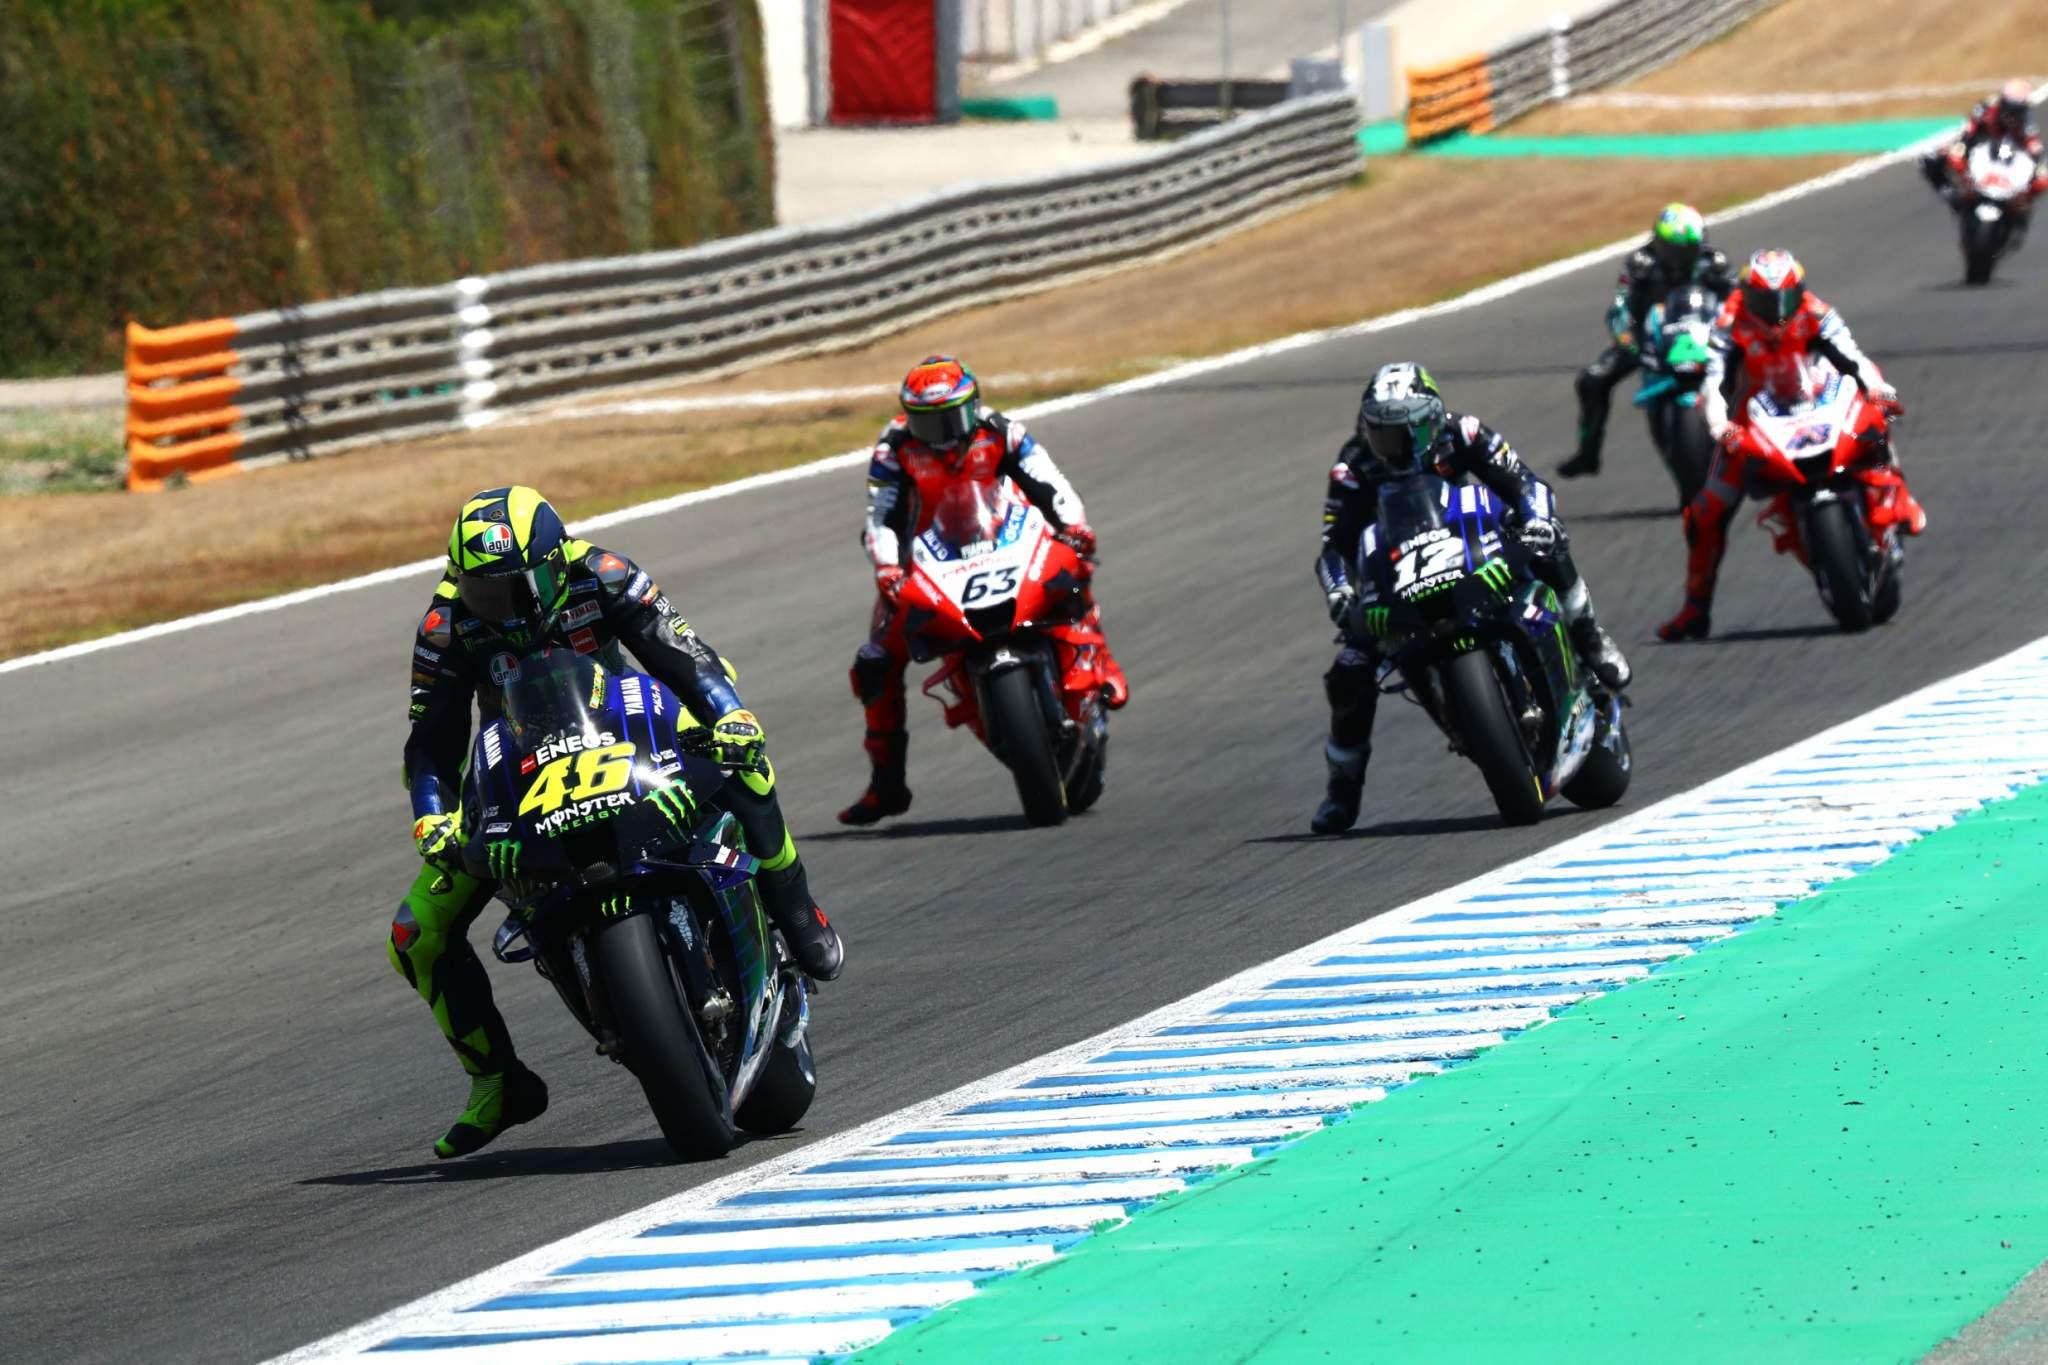 MotoGP: Valentino Rossi Maverick Vinales Francesco Bagnaia